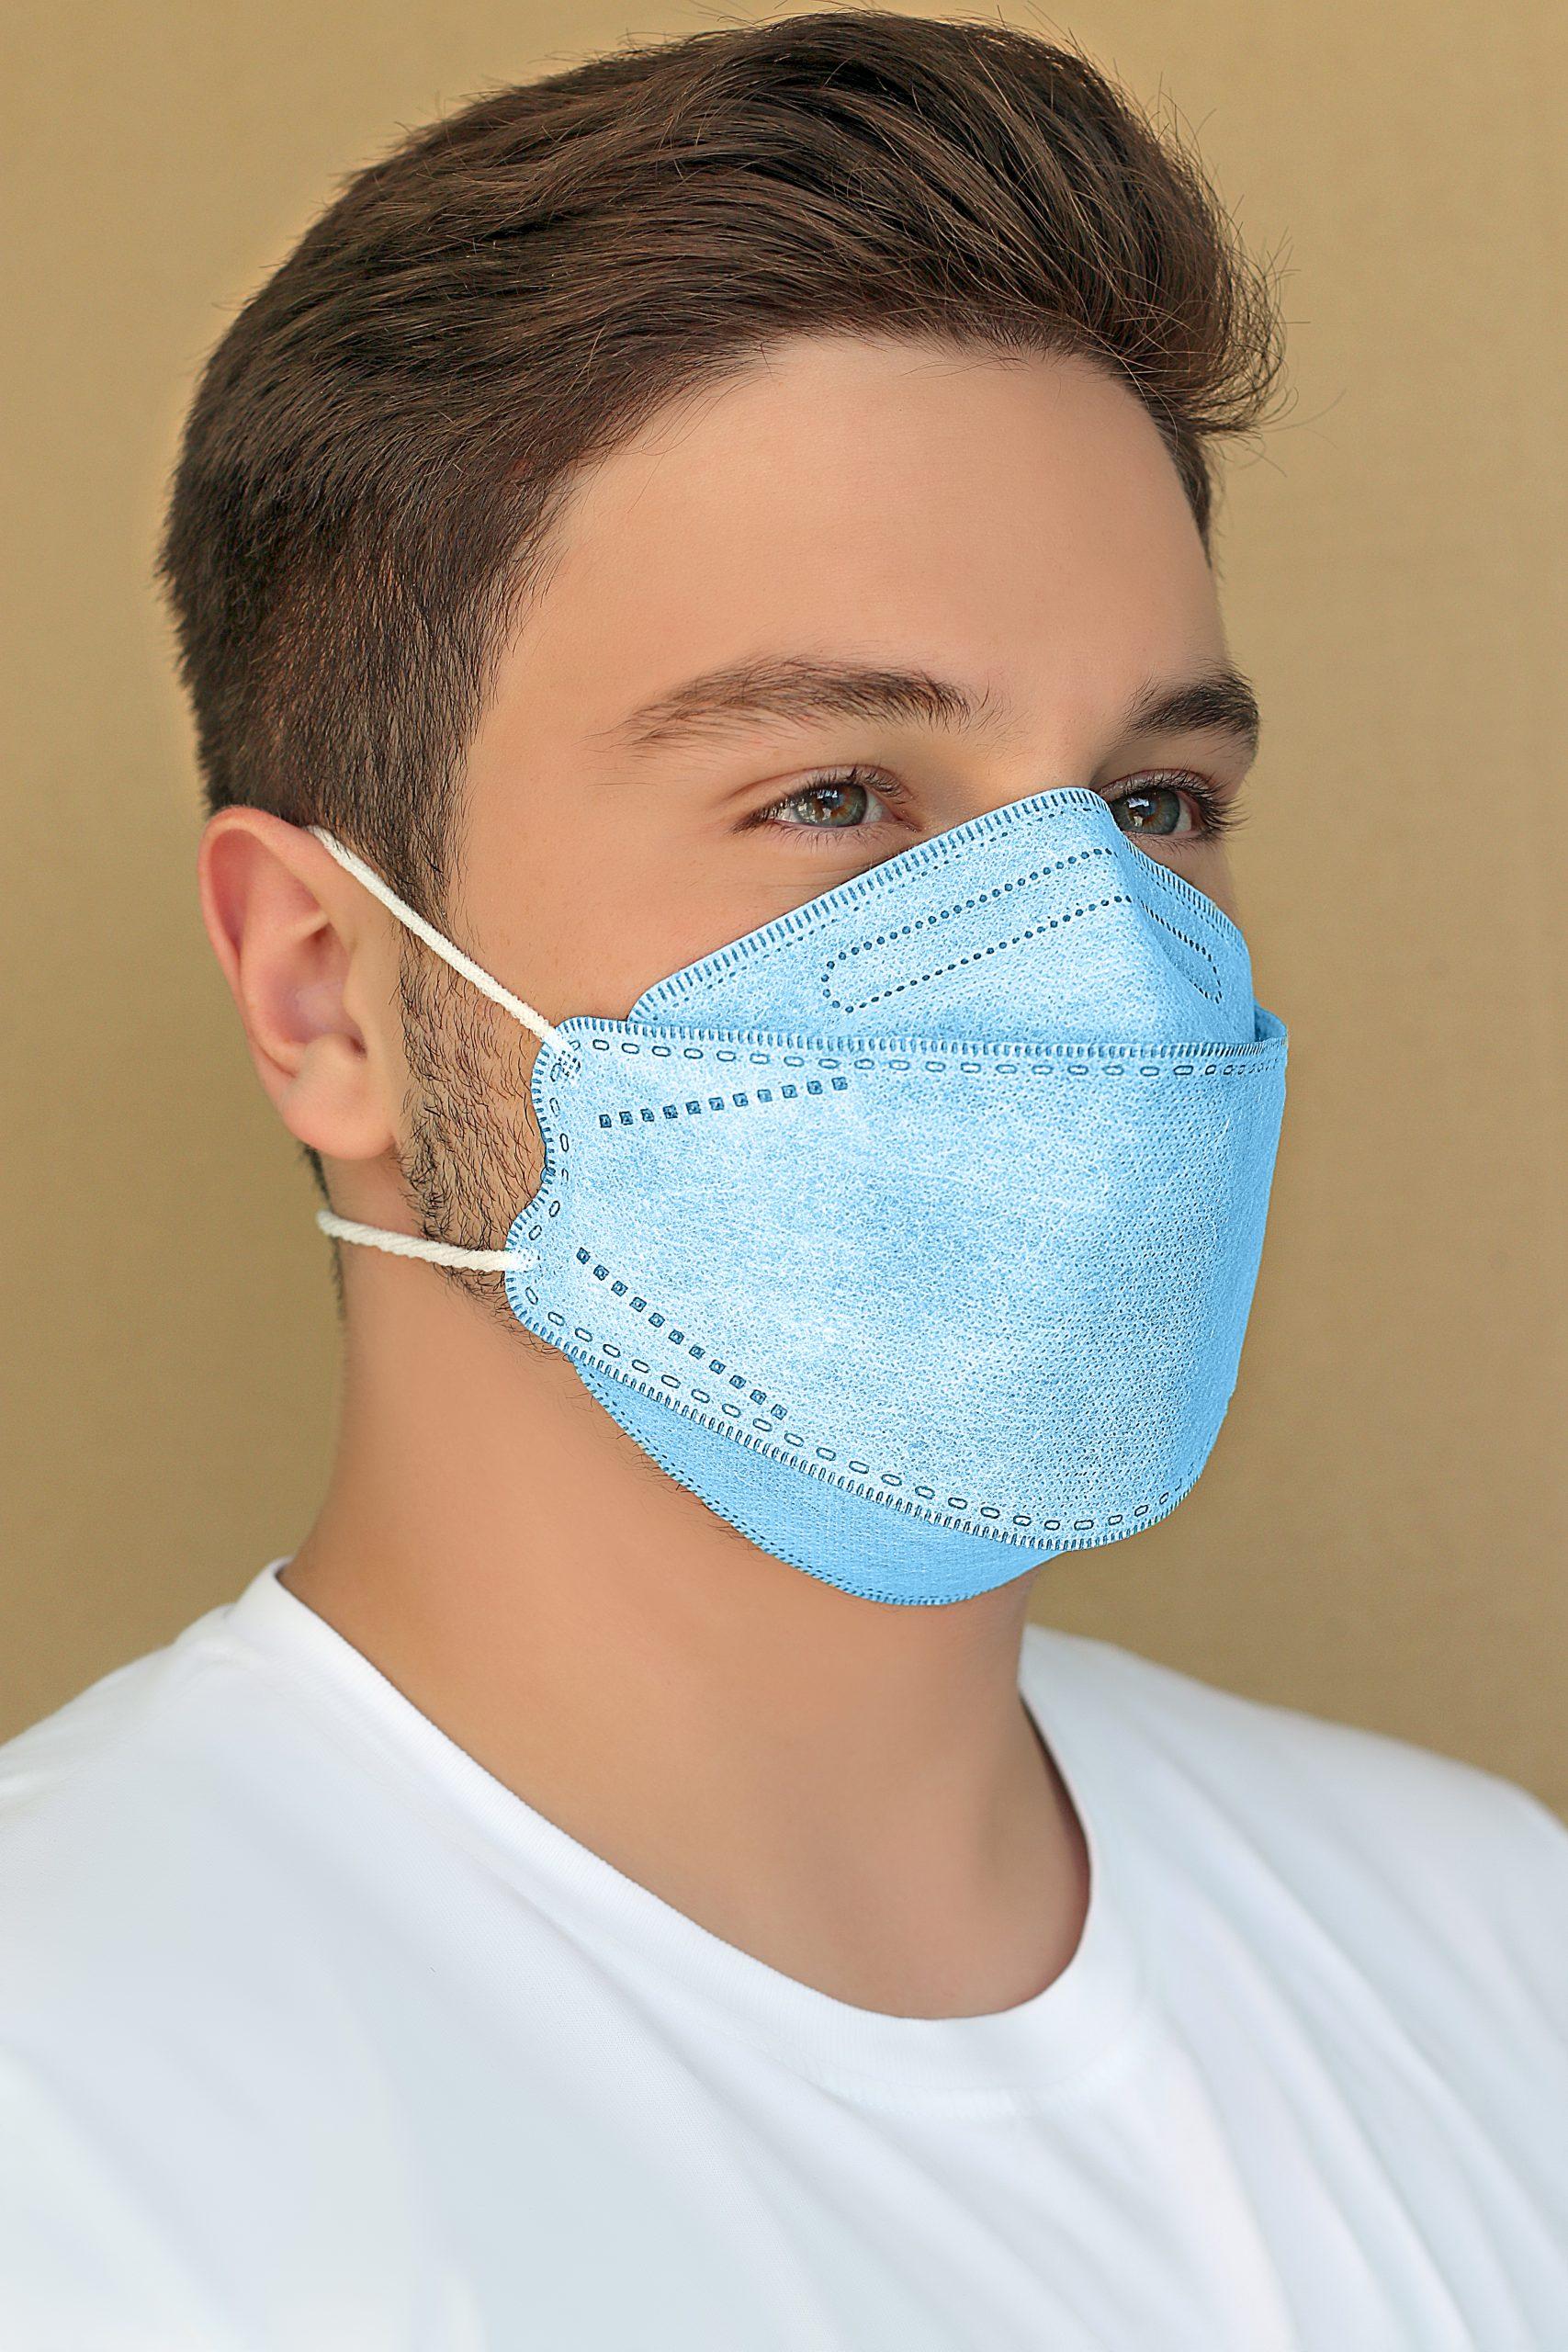 ماسک سه بعدی طرح کره ای KN95 آبی کش پشت سری بسته ۲۰ عددی